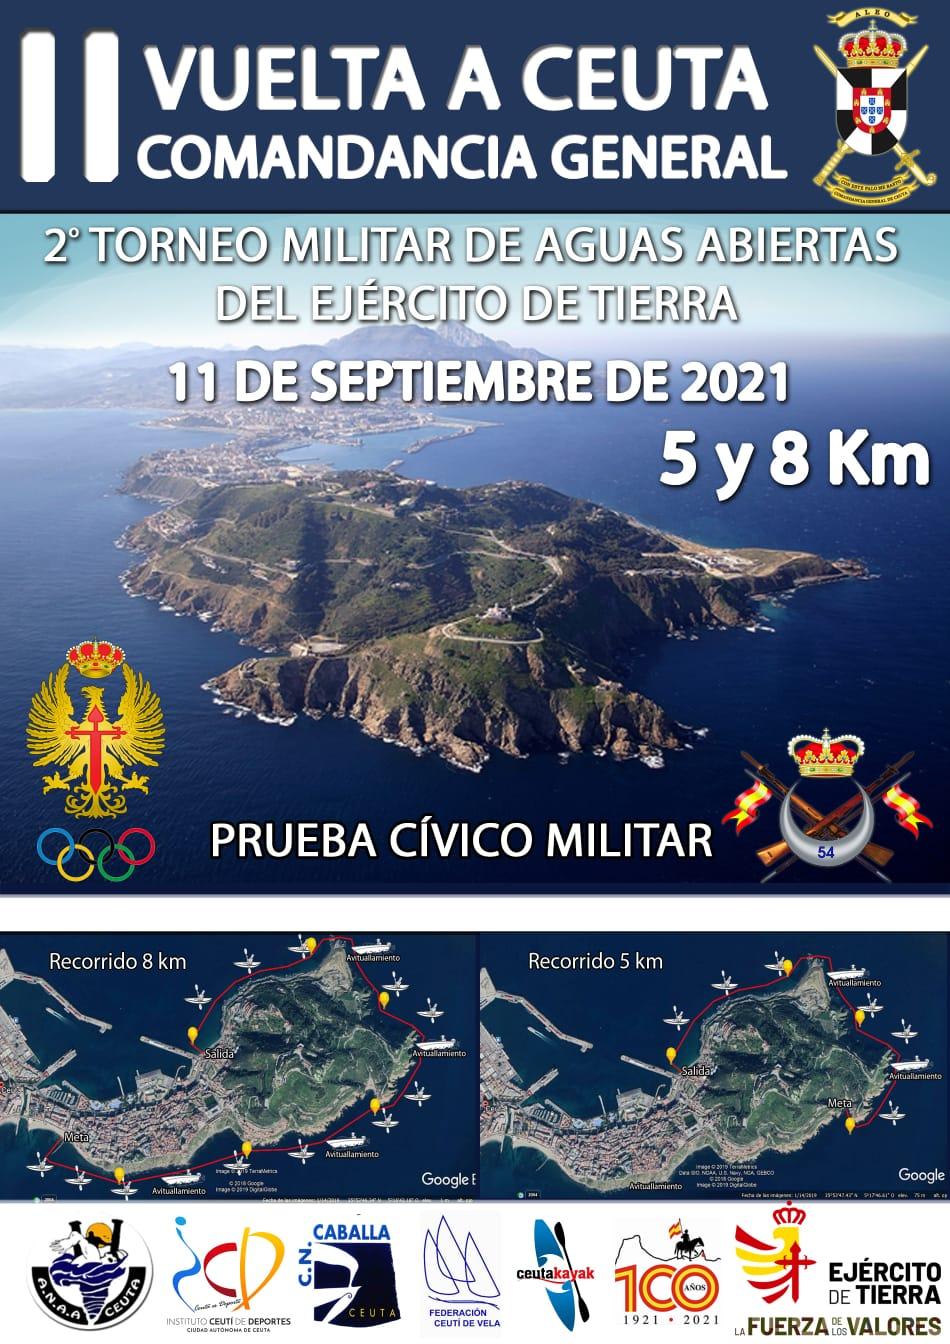 II VUELTA A CEUTA COMANDANCIA GENERAL 2º TORNEO MILITAR DE AGUAS ABIERTA DEL EJERCITO DE TIERRA